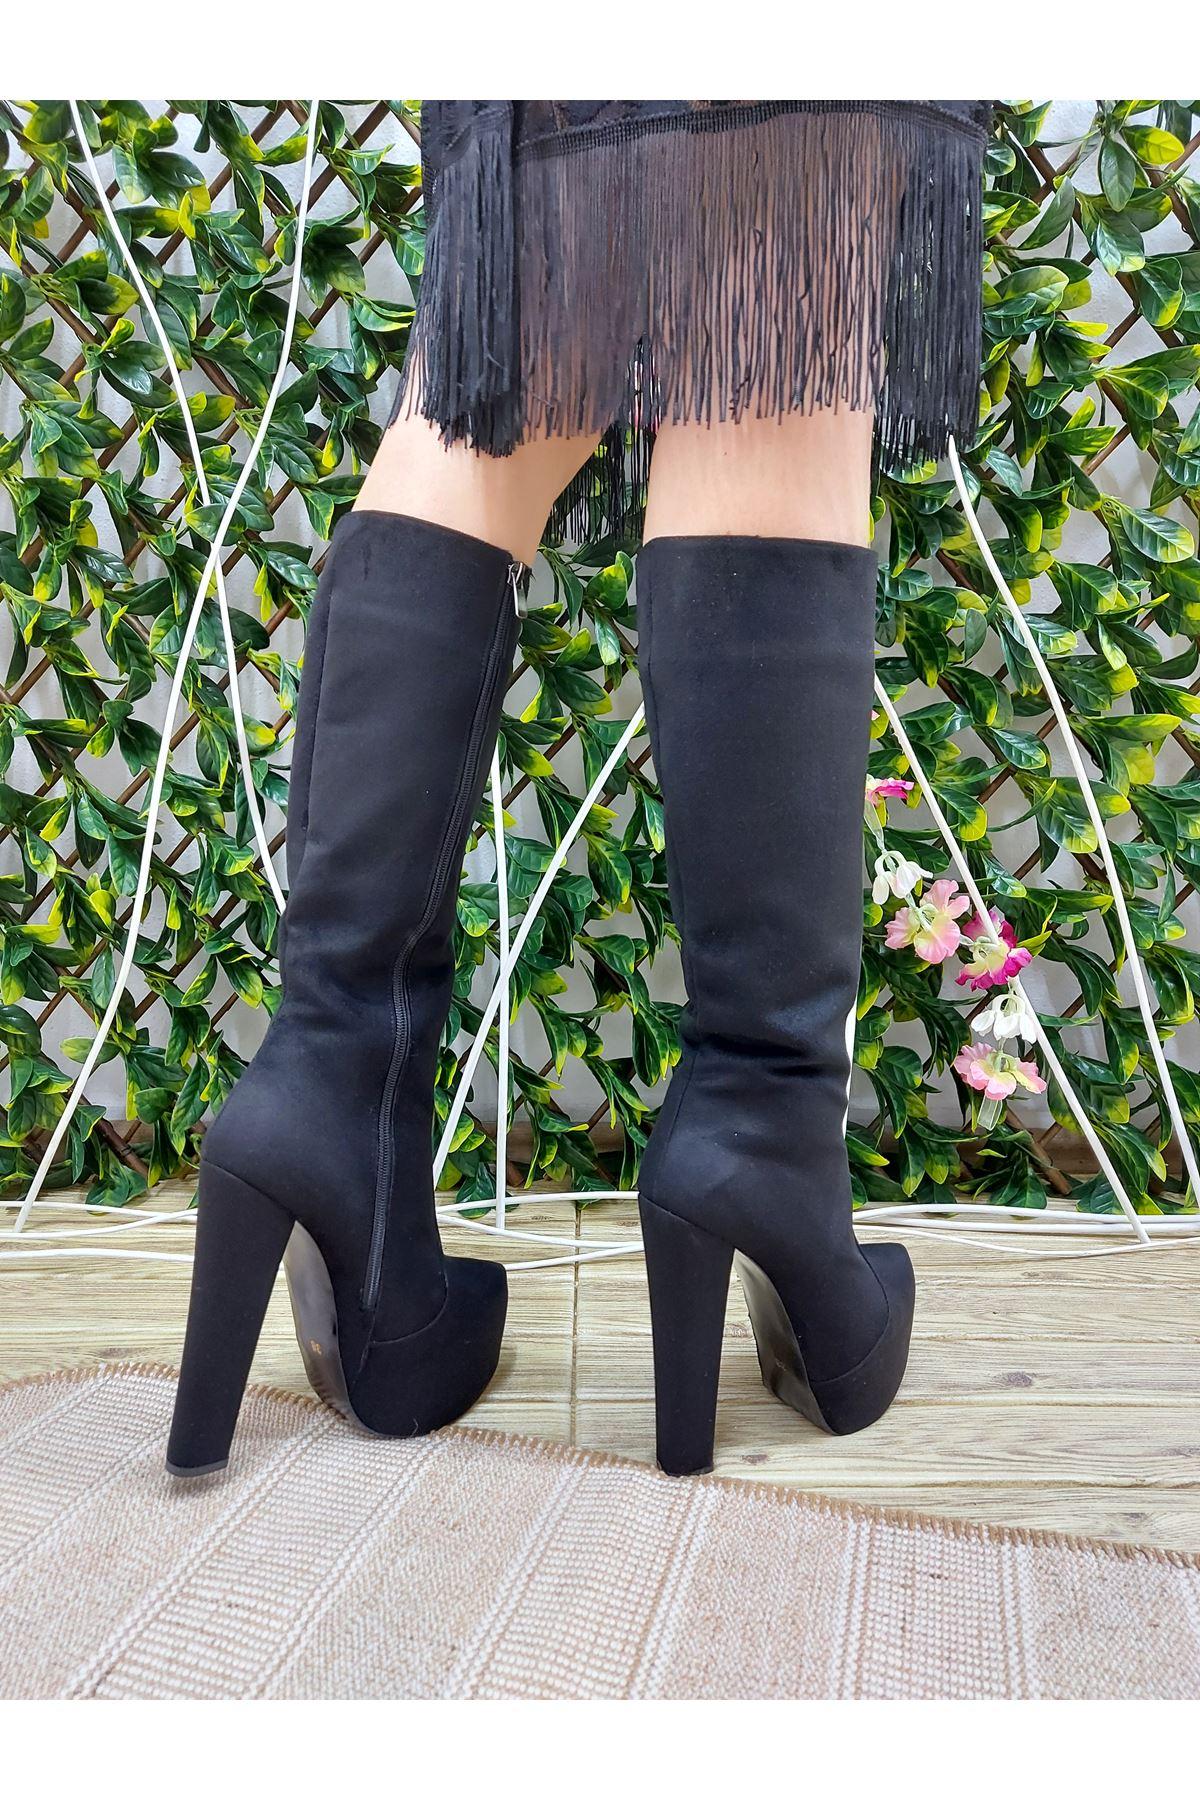 Lily Fermuarlı Siyah Süet Yüksek Topuklu Çizme